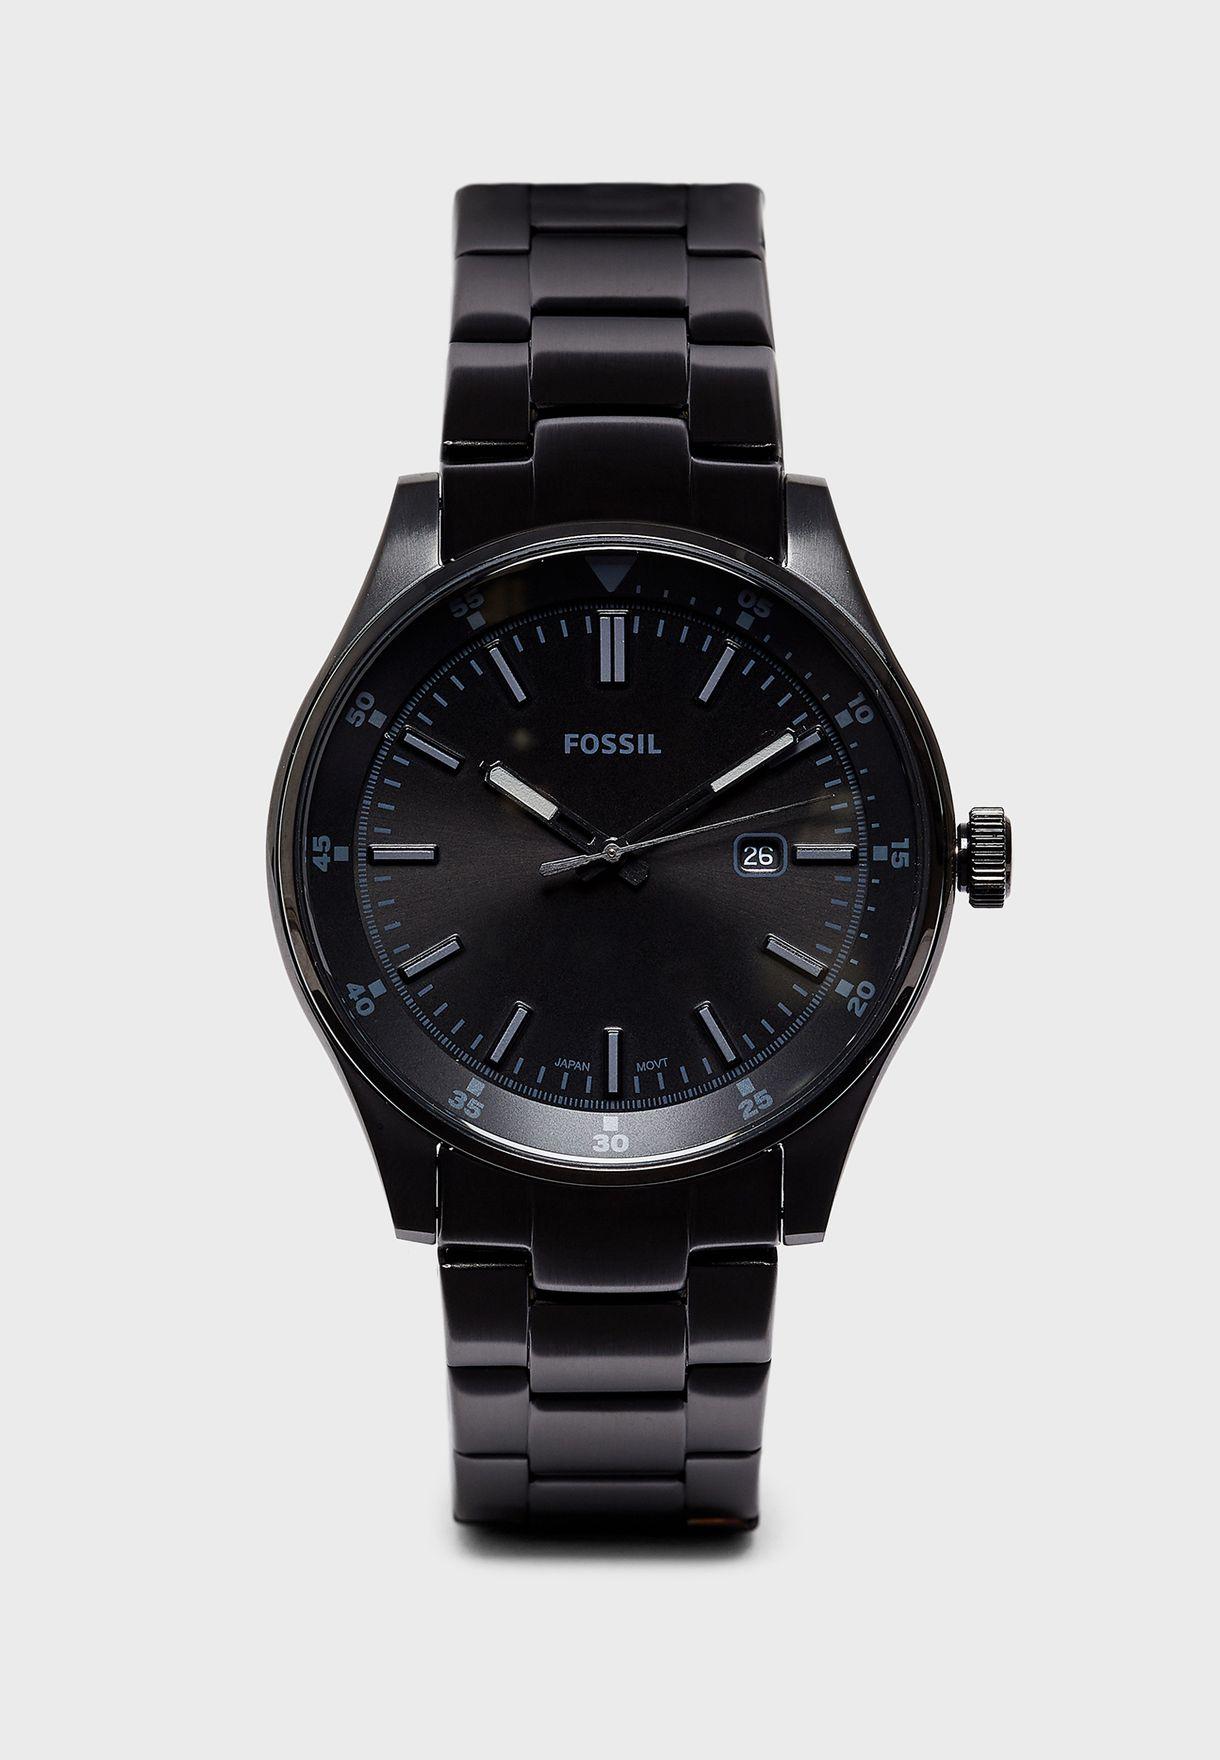 616357109 تسوق ساعة أنالوج ماركة فوسيل لون أسود FS5531 في عمان - 14384AC61WYP